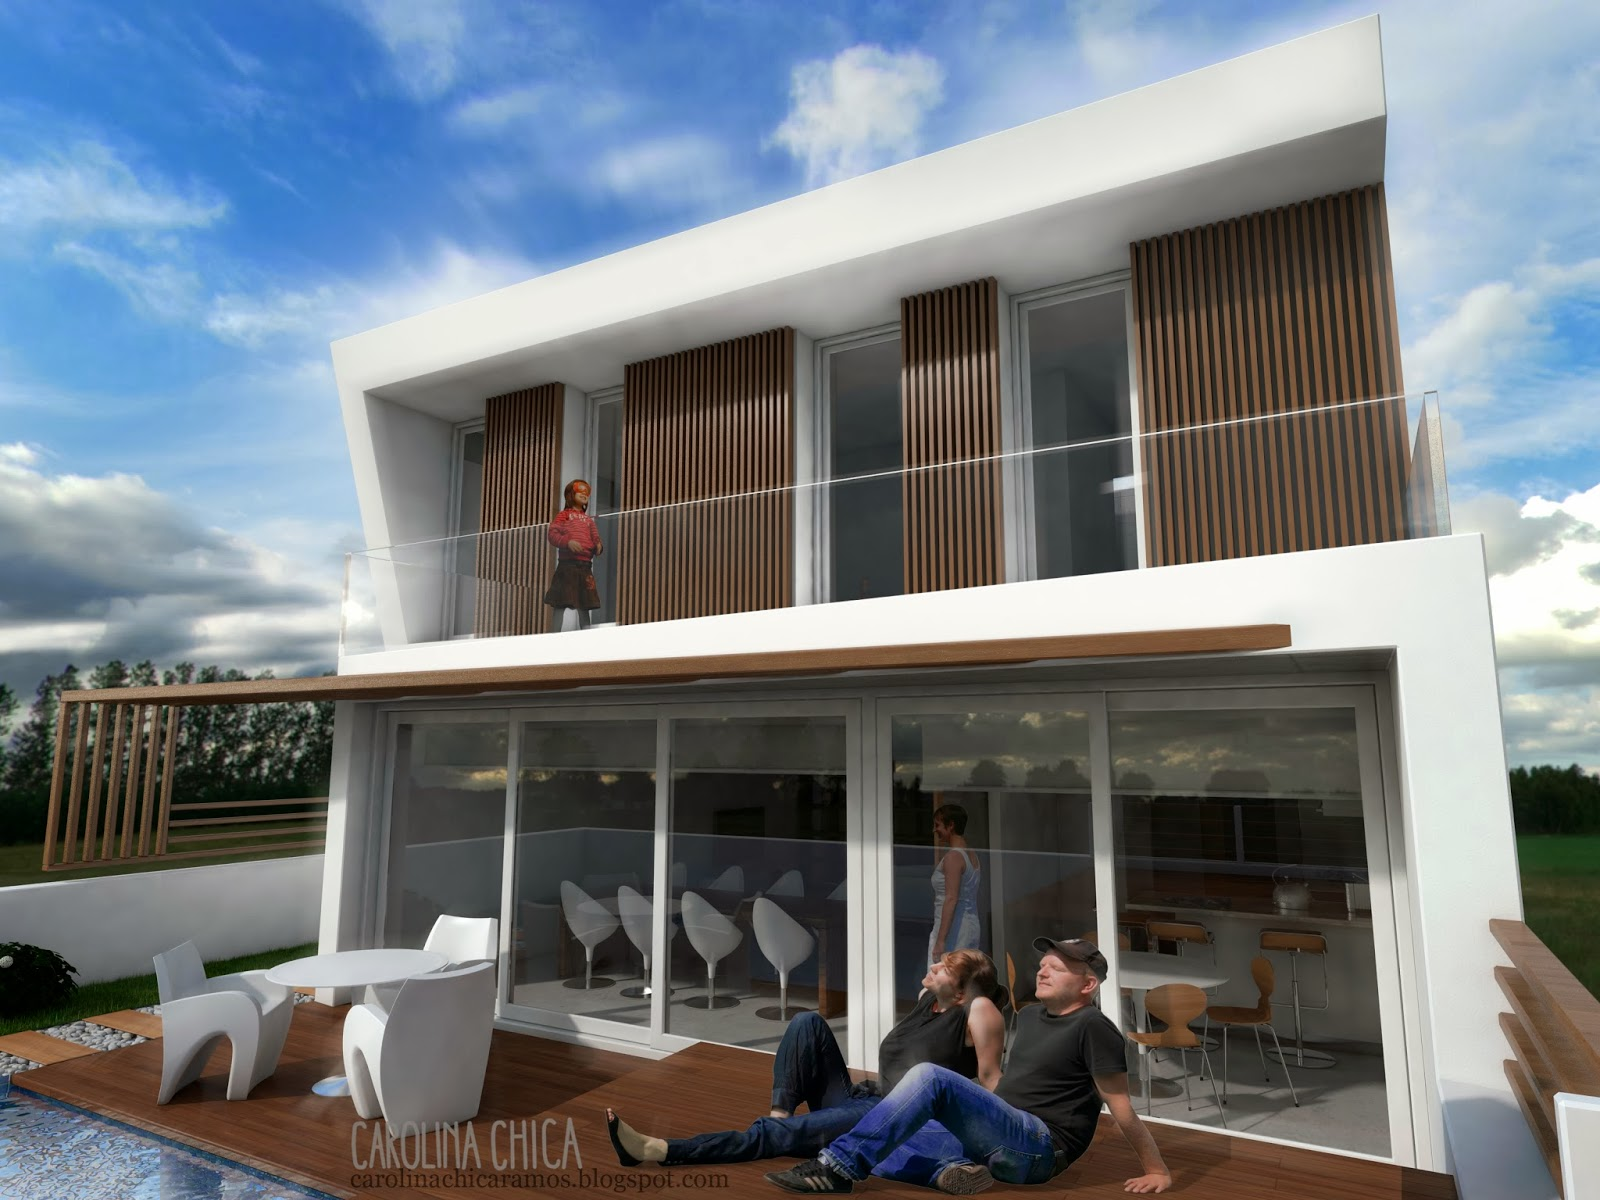 Infoarquitectura y dise o 3d vivienda en olula del r o - Vivienda en almeria ...